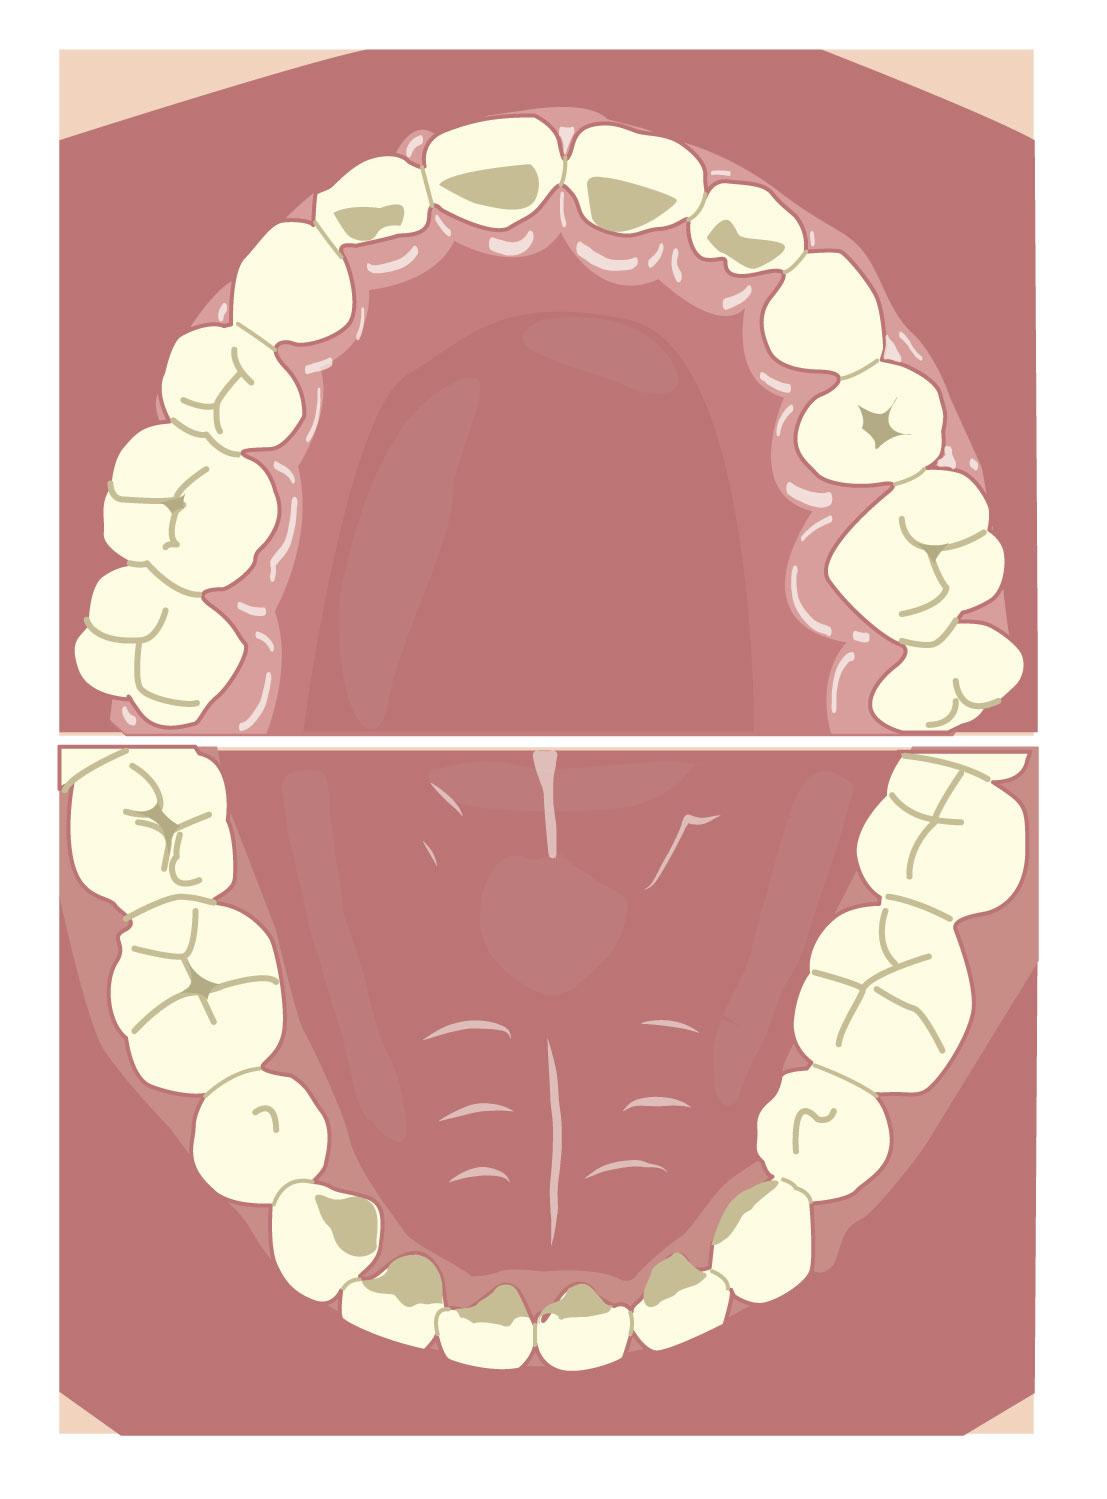 牙齒沒有旋轉